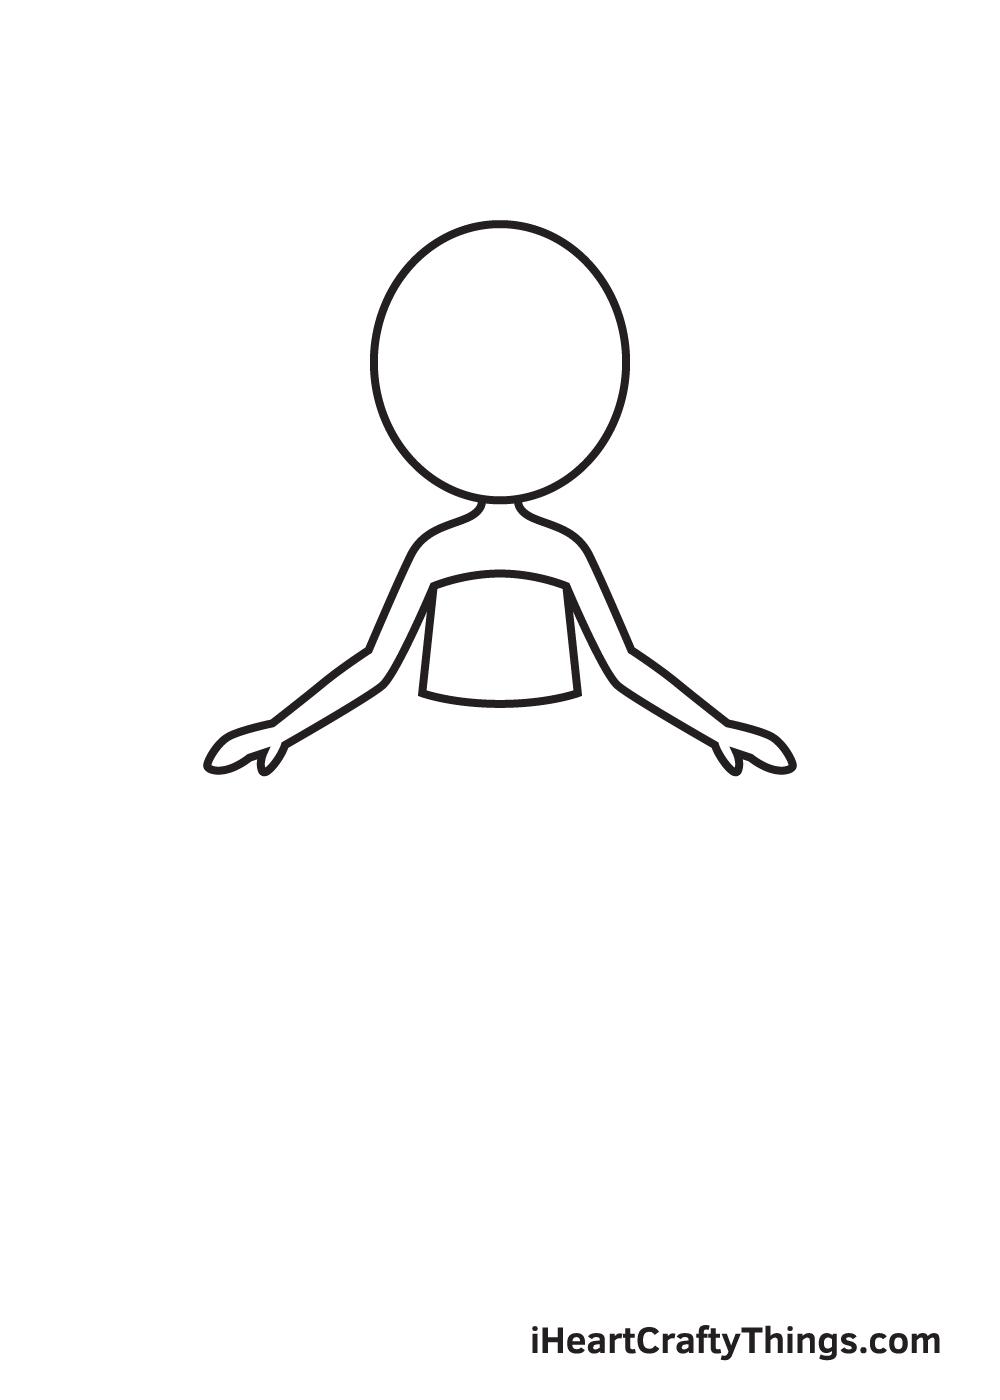 Vẽ cổ tích - Bước 2